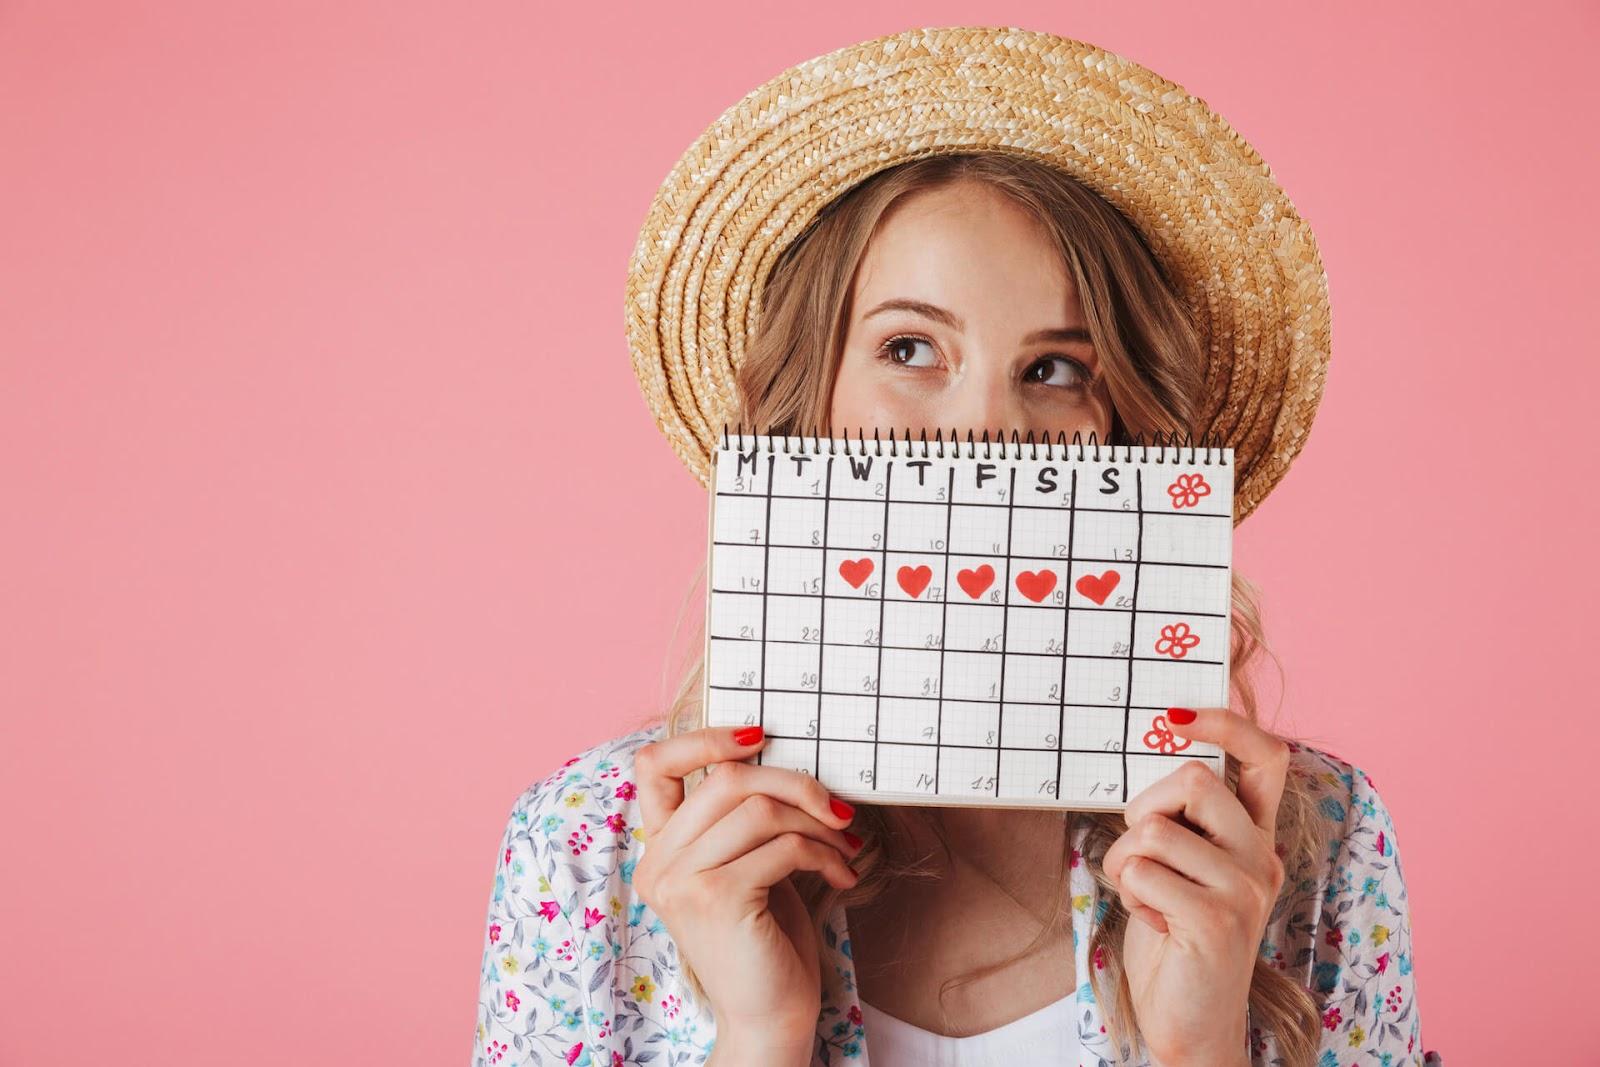 Woman holding up her menstrual calendar